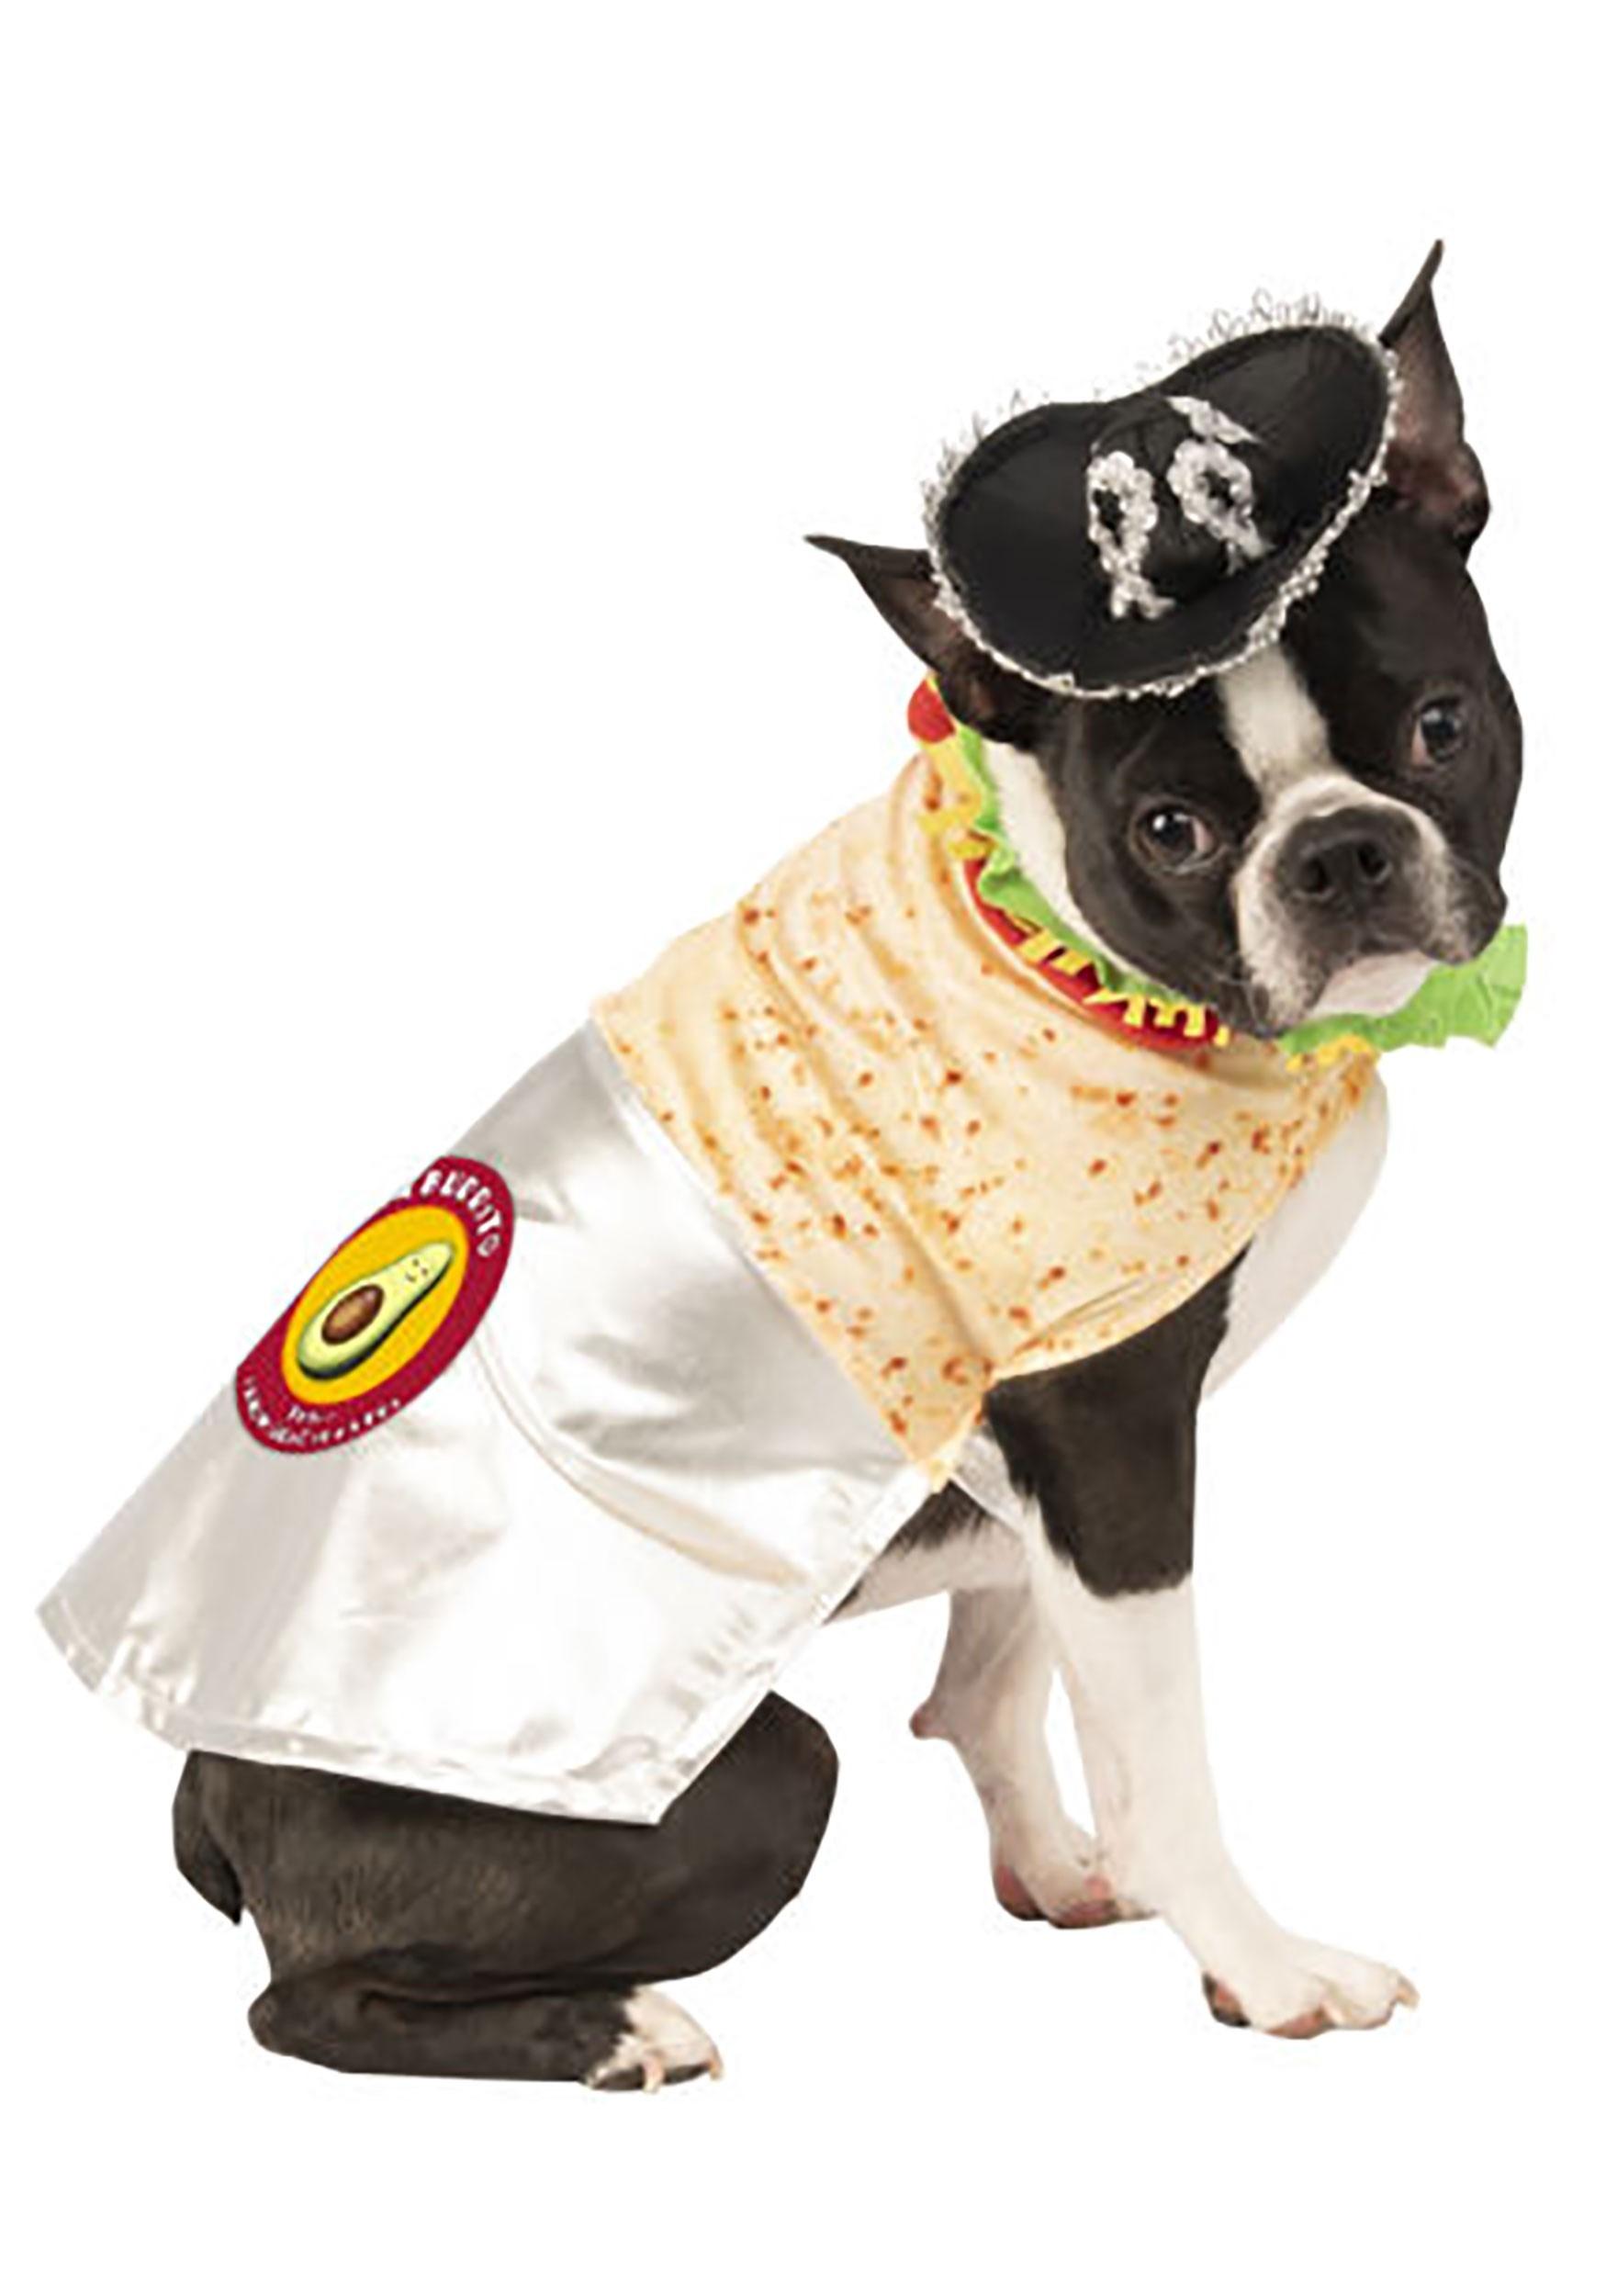 Dog Delicious Burrito Costume